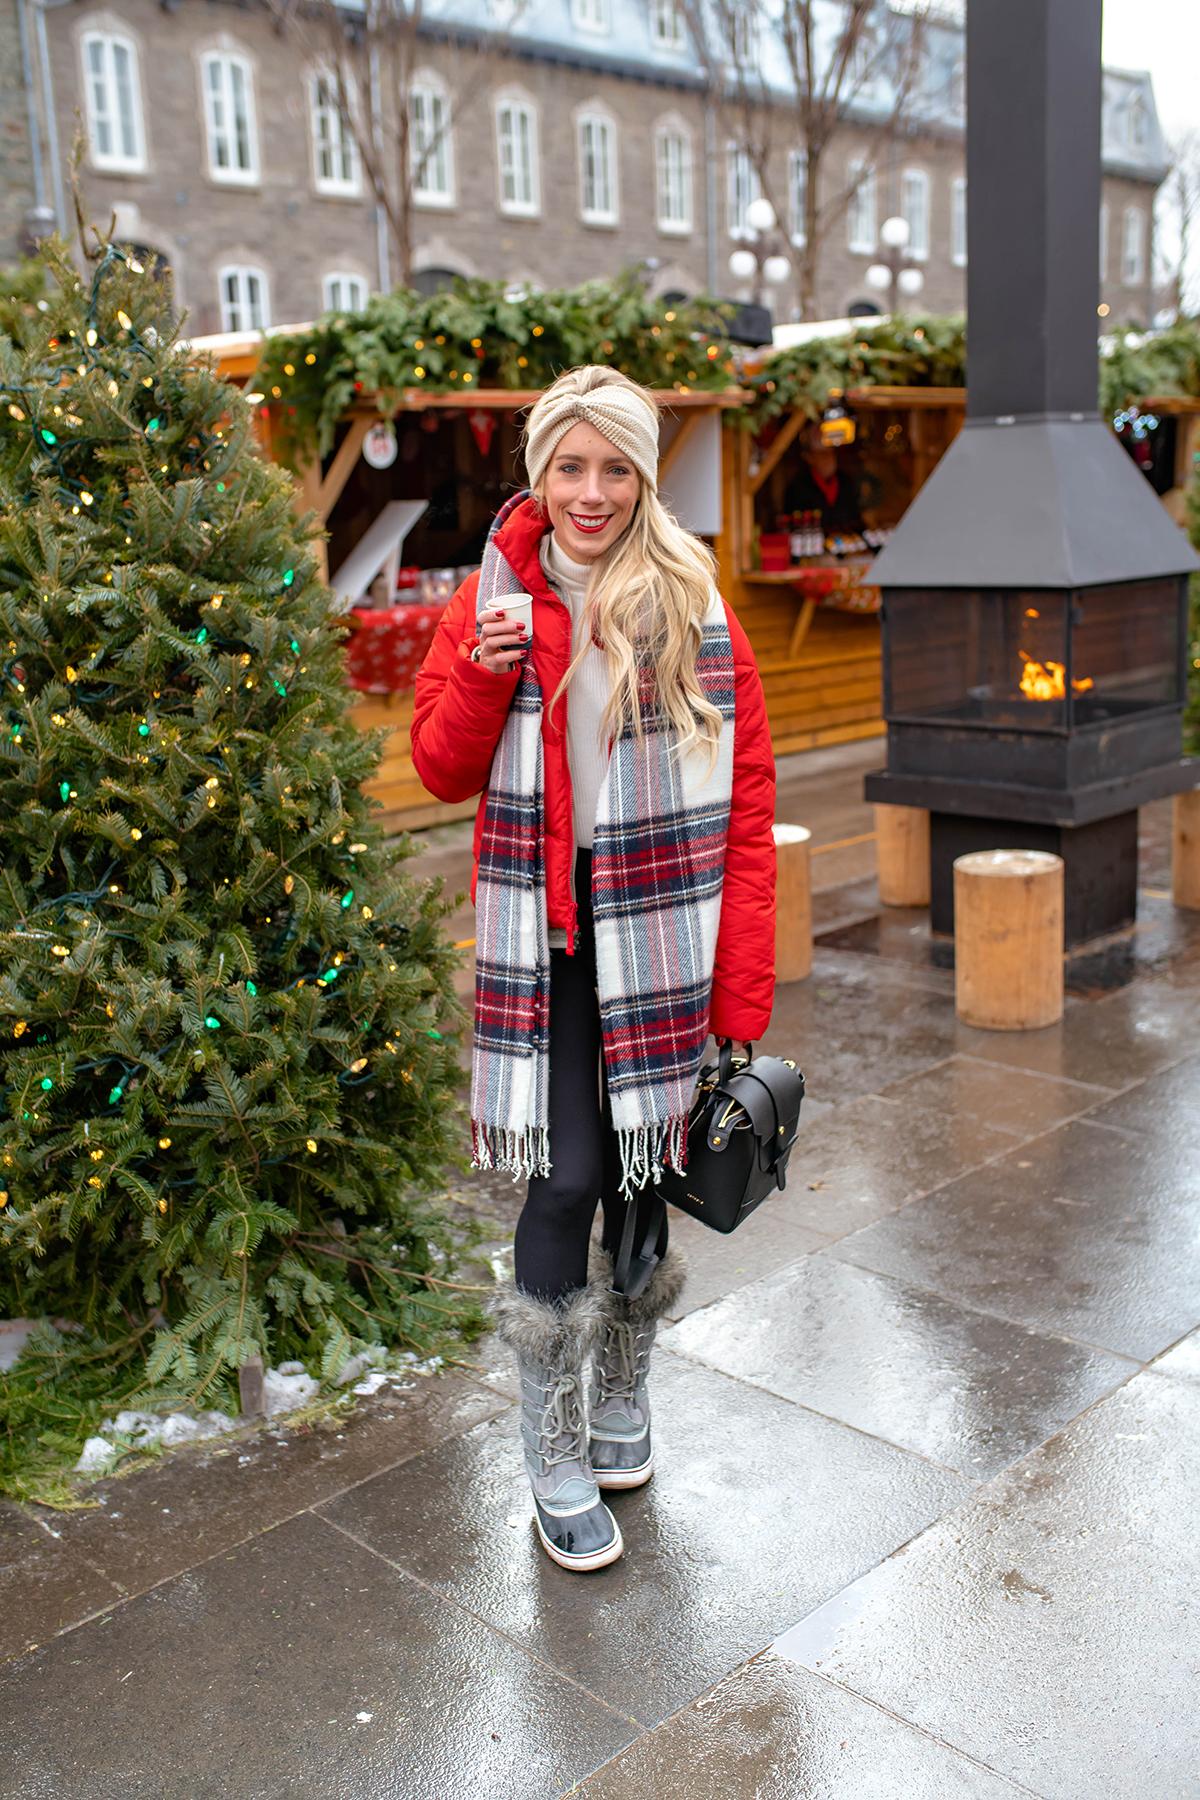 Quebec City Christmas Market